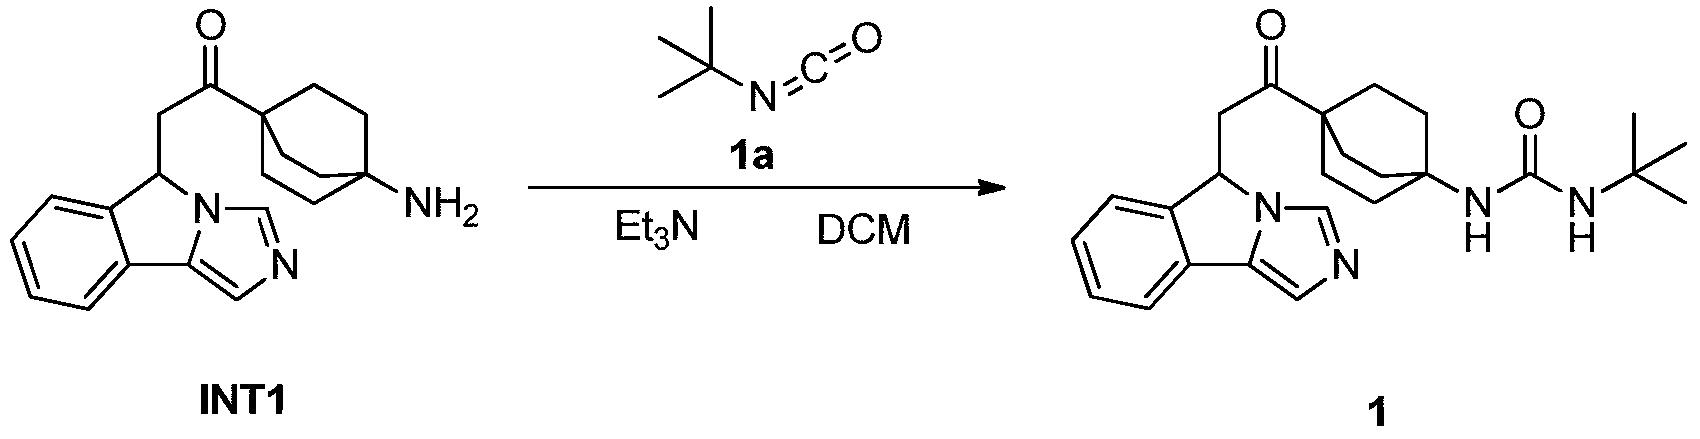 Figure PCTCN2017084604-appb-000249